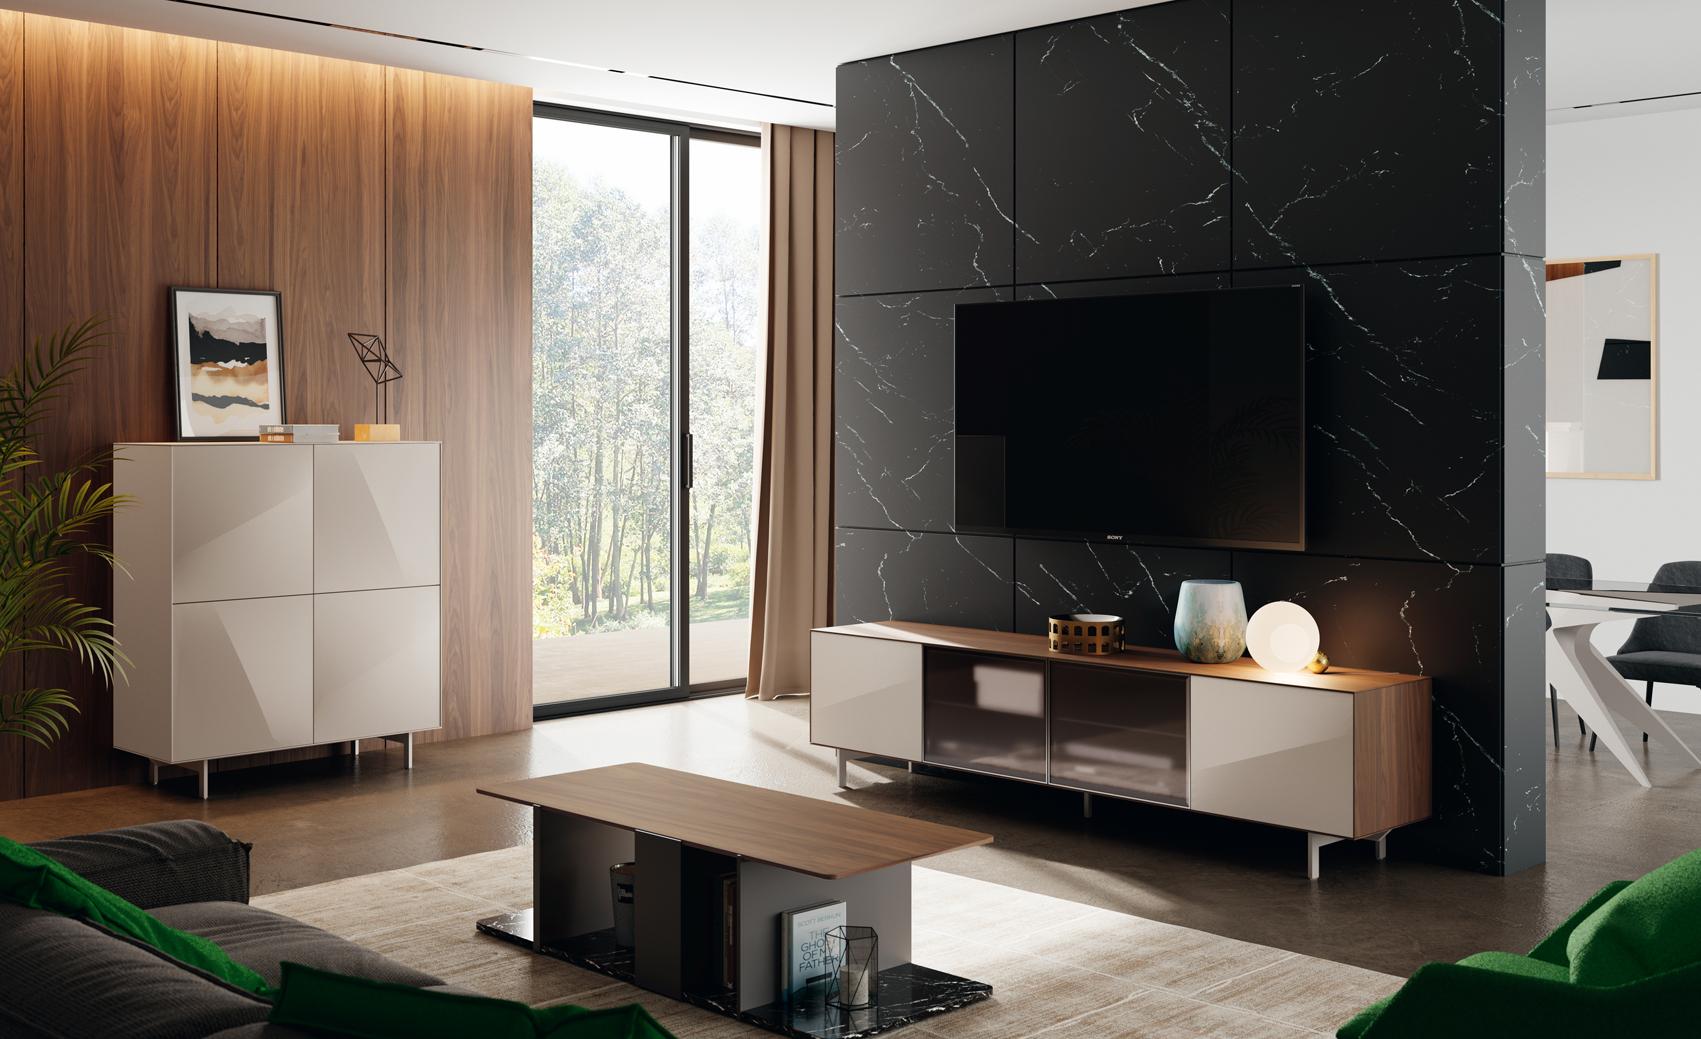 czarna ściana za telewizorem